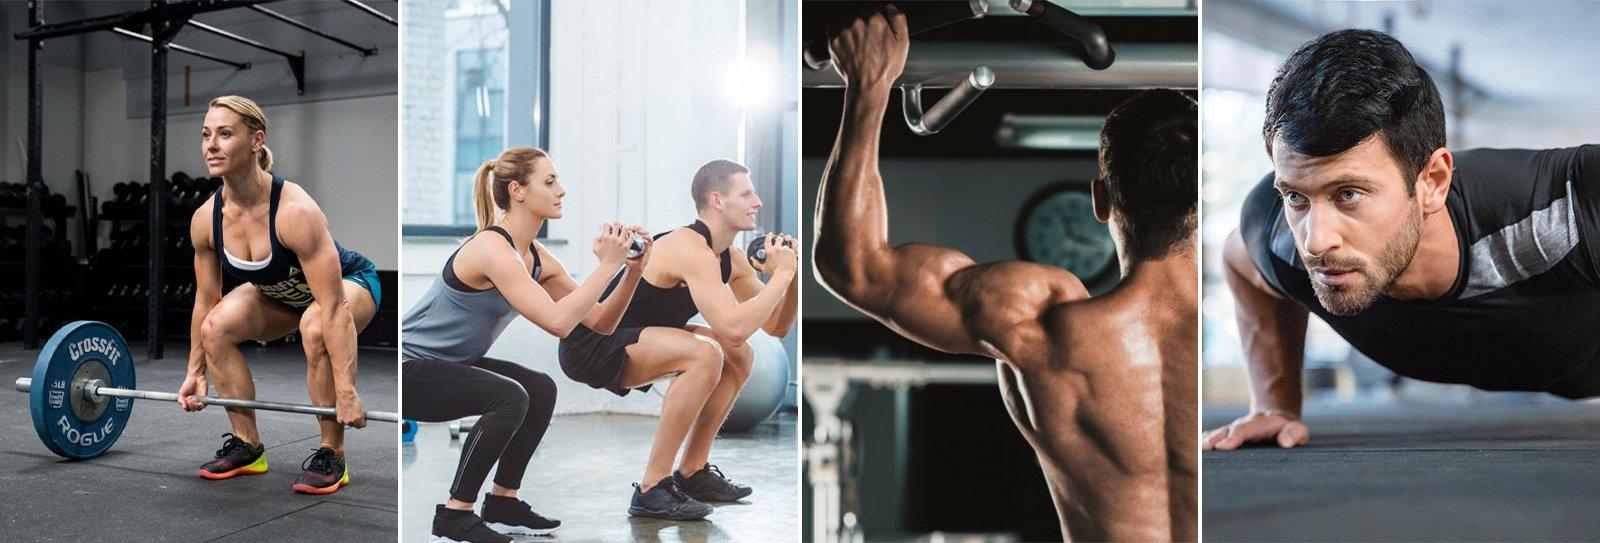 Estimular hormônios massa muscular